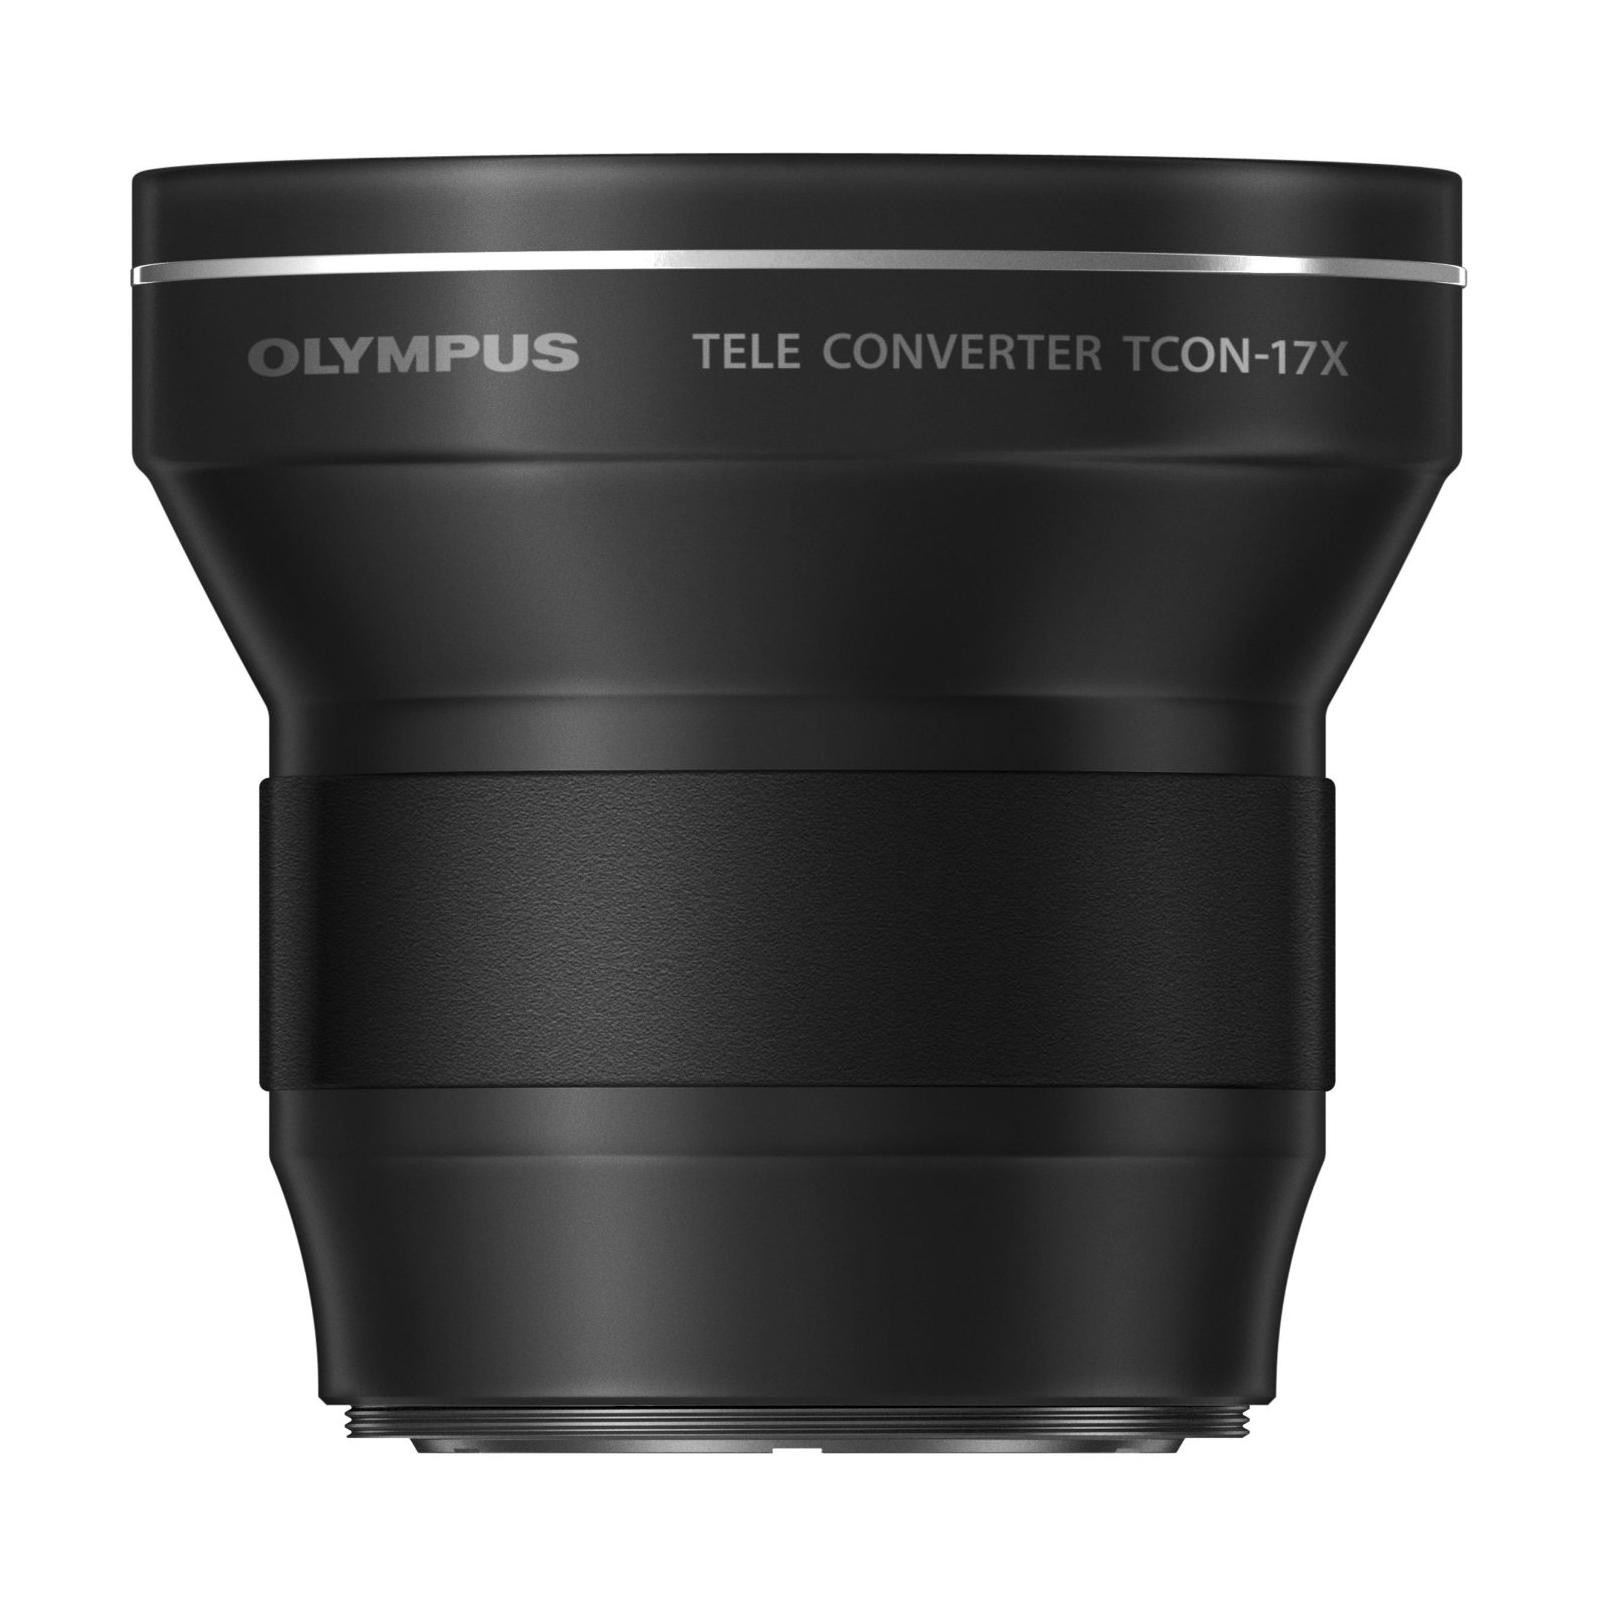 Фото-адаптер OLYMPUS TCON-17X converterter for XZ (V321170BW000)